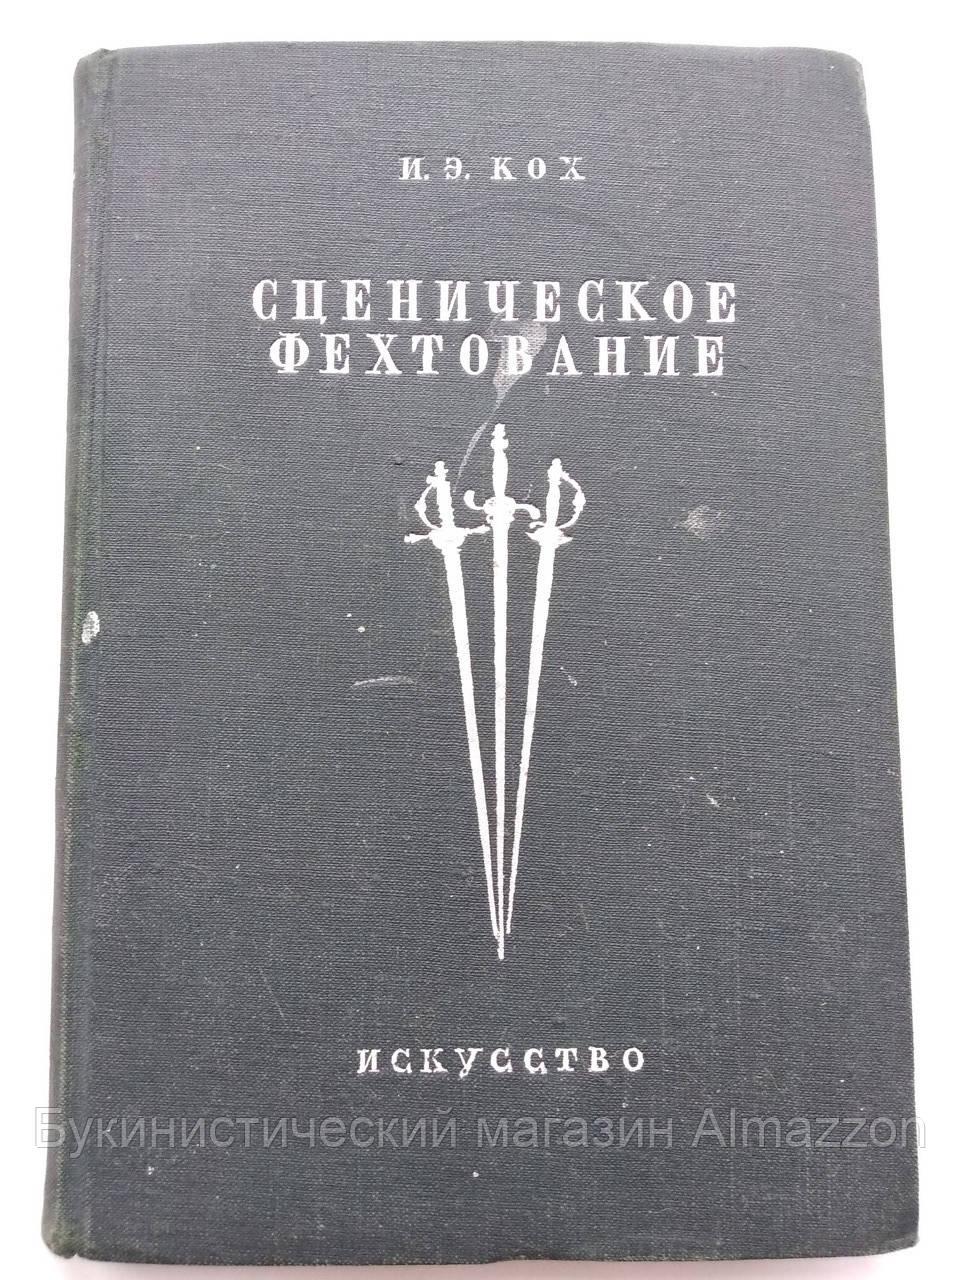 Сценическое фехтование И.Э.Кох Искусство 1948 год. Театр